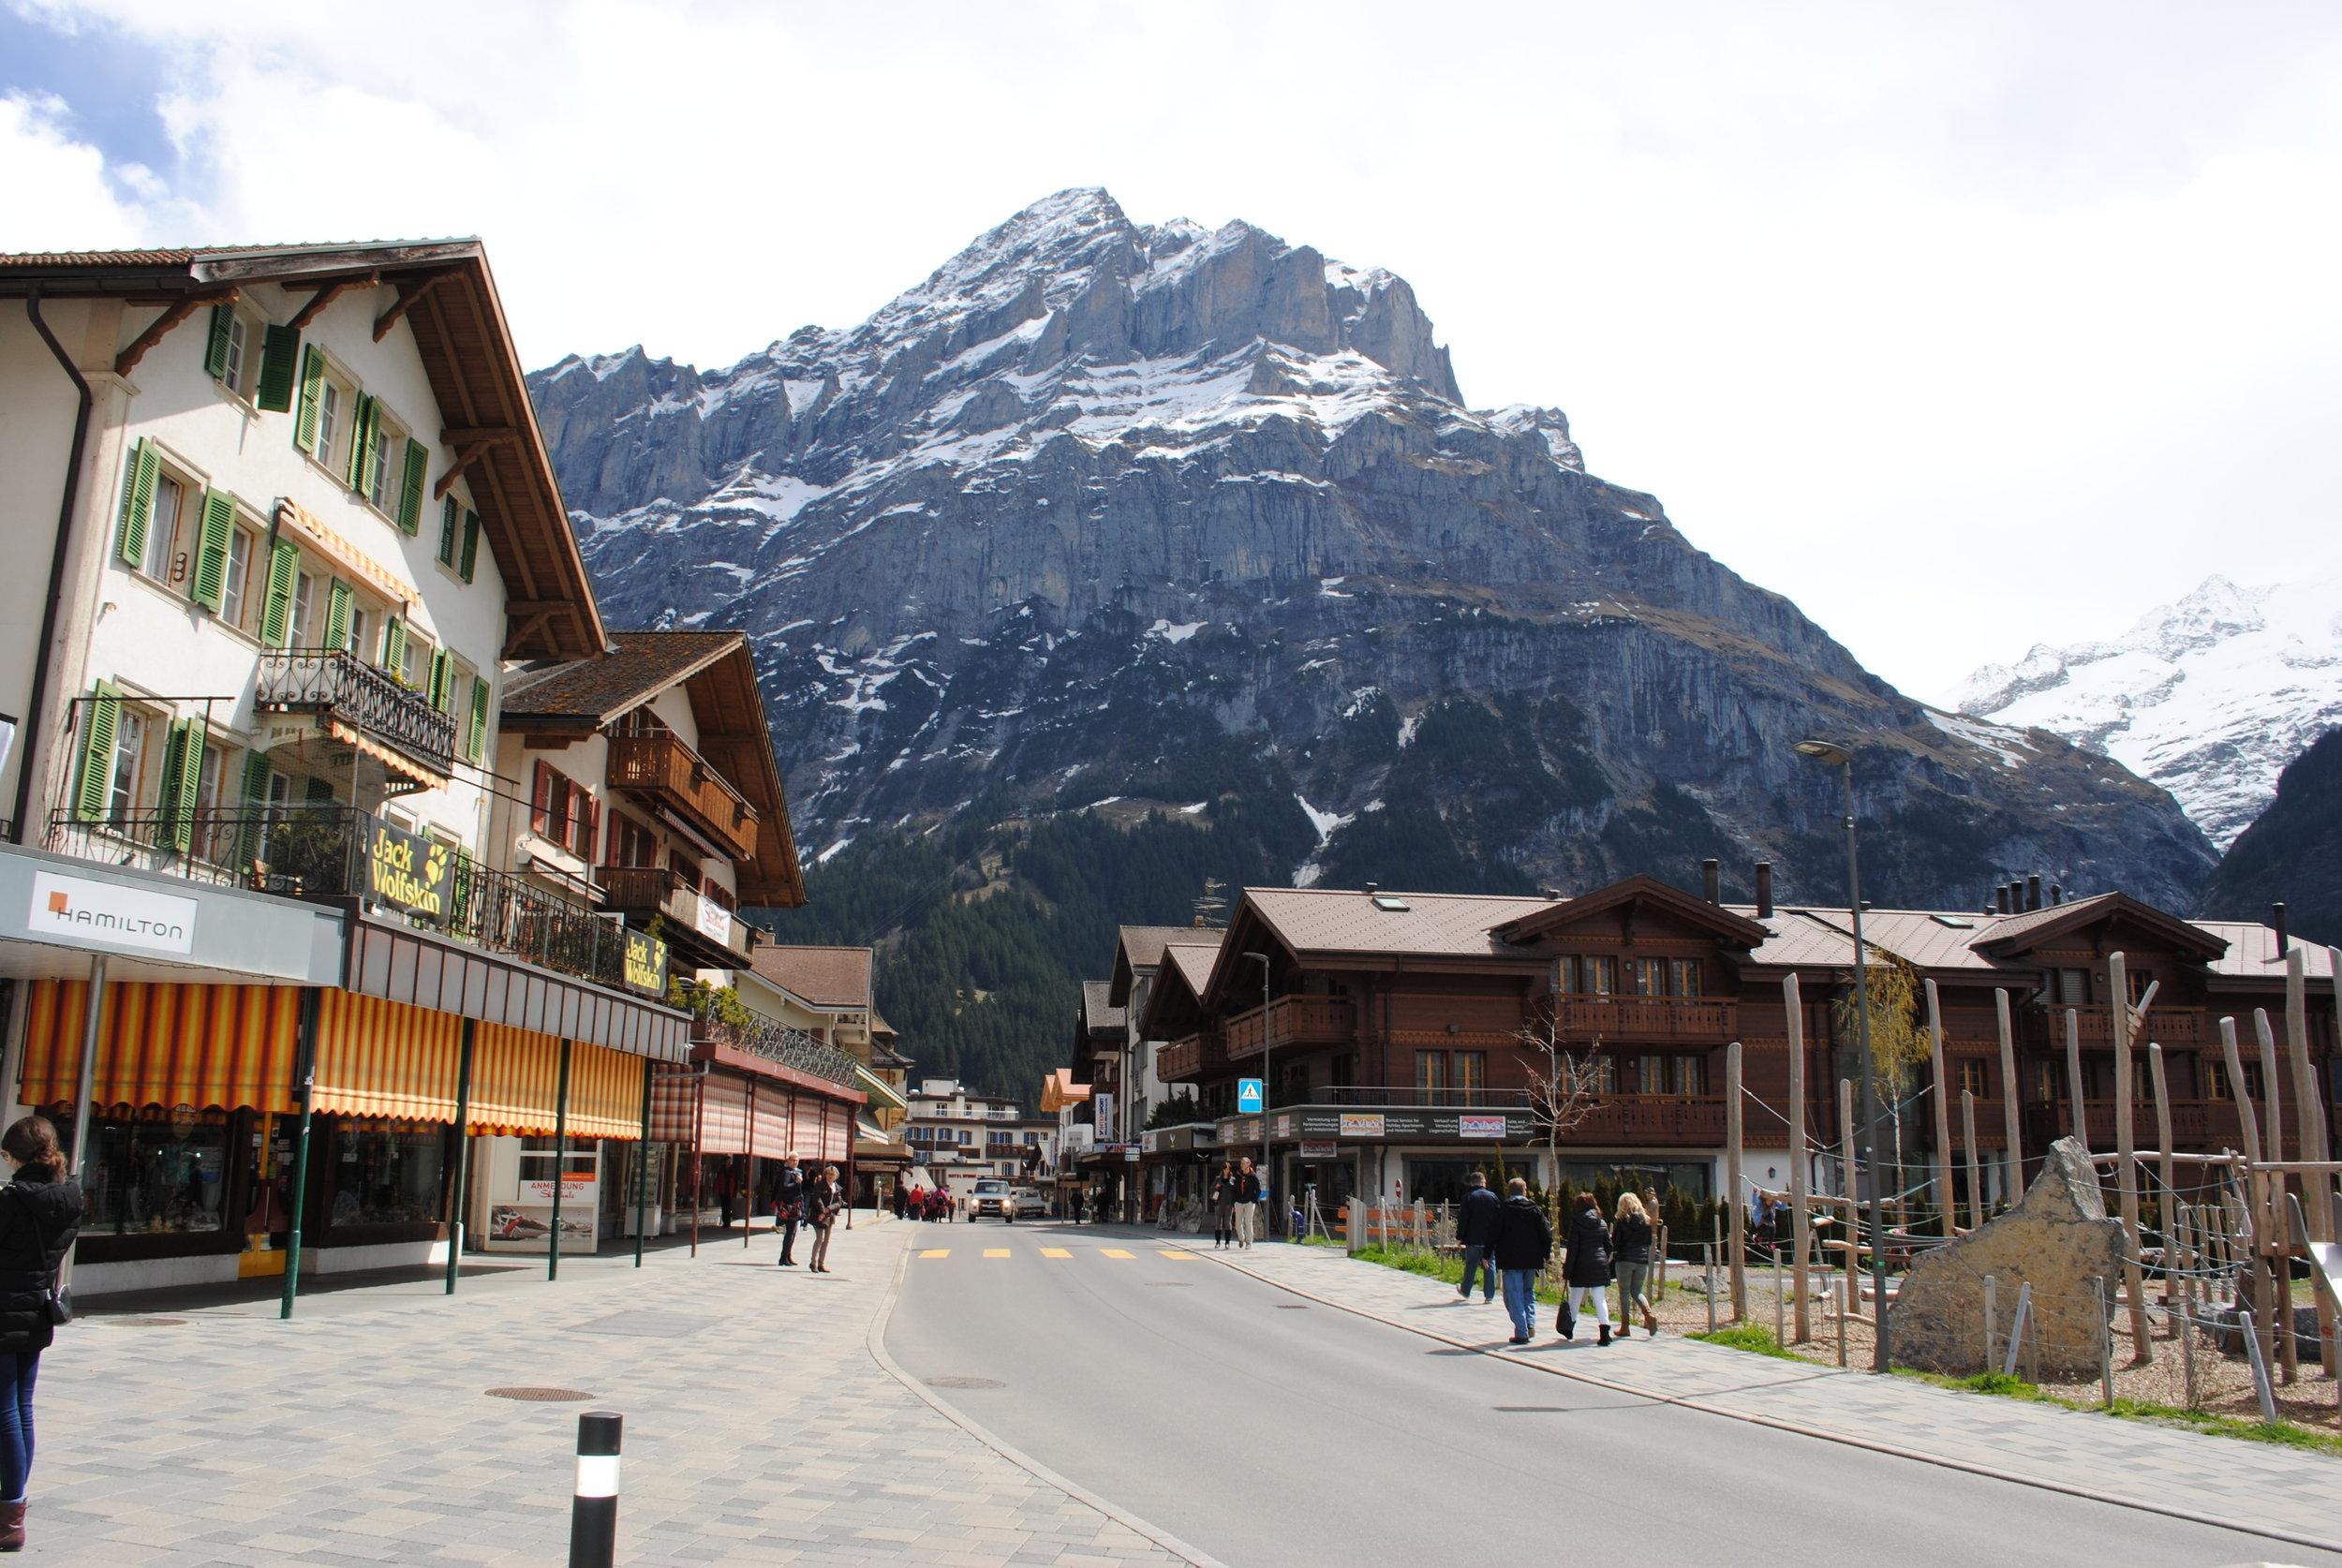 Downtown Grindelwald, Switzerland